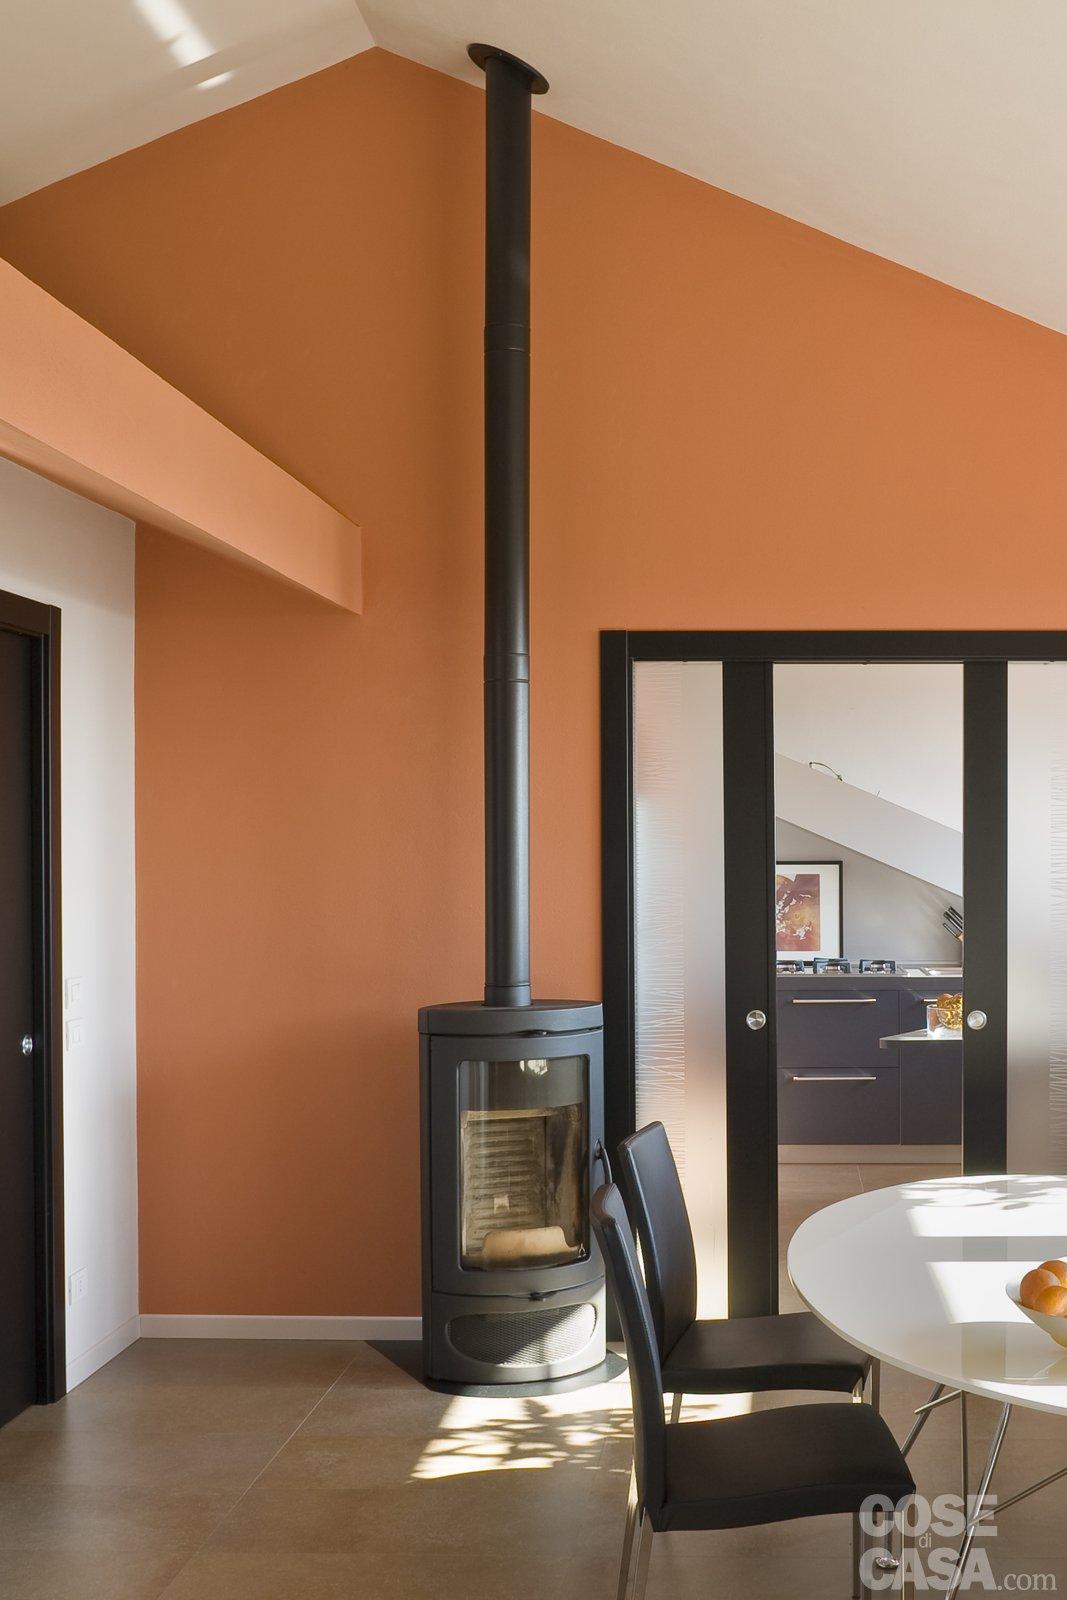 Casa in mansarda con le soluzioni giuste per gli spazi for Immagini pareti